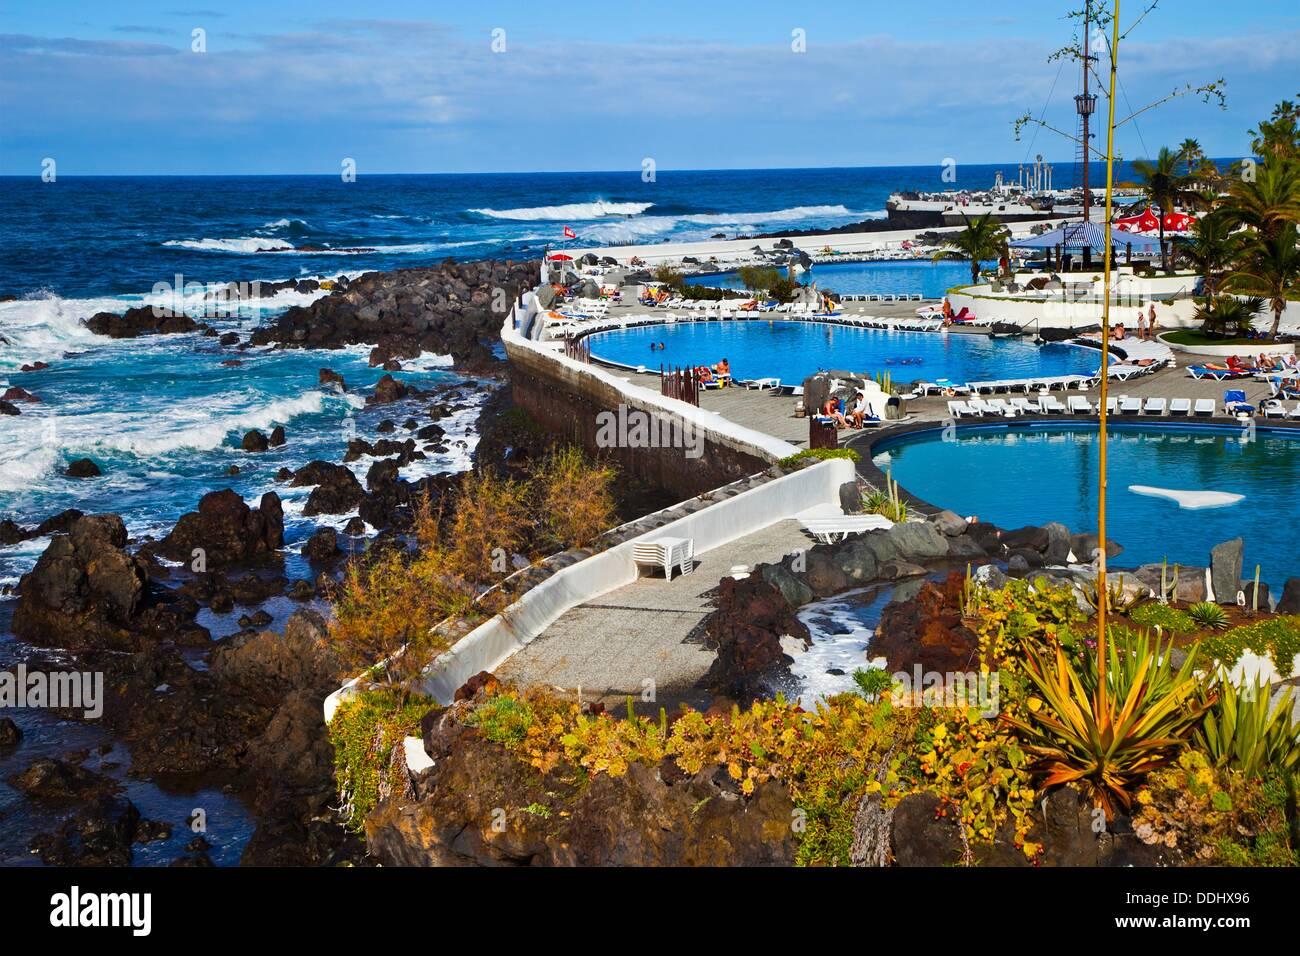 Lago martianez puerto de la cruz tenerife canary islands spain stock photo royalty free image - Puerta de la cruz ...